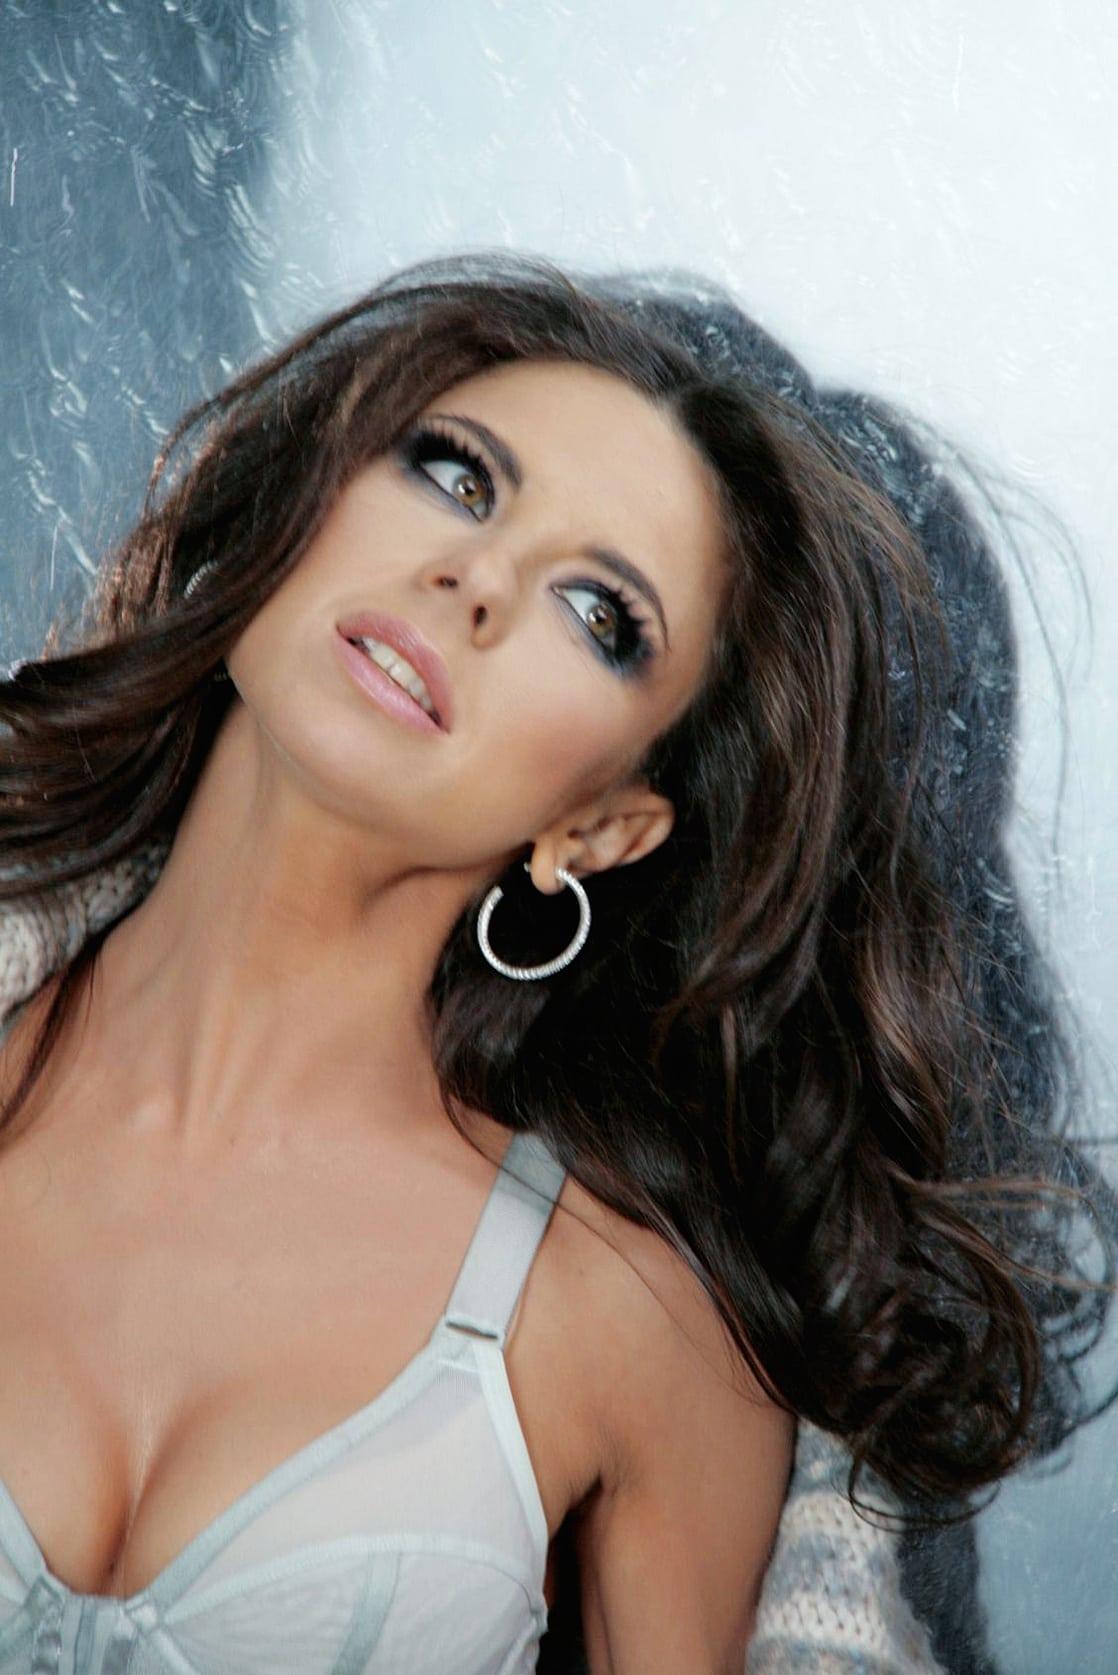 Hot Anna Pletneva nude photos 2019